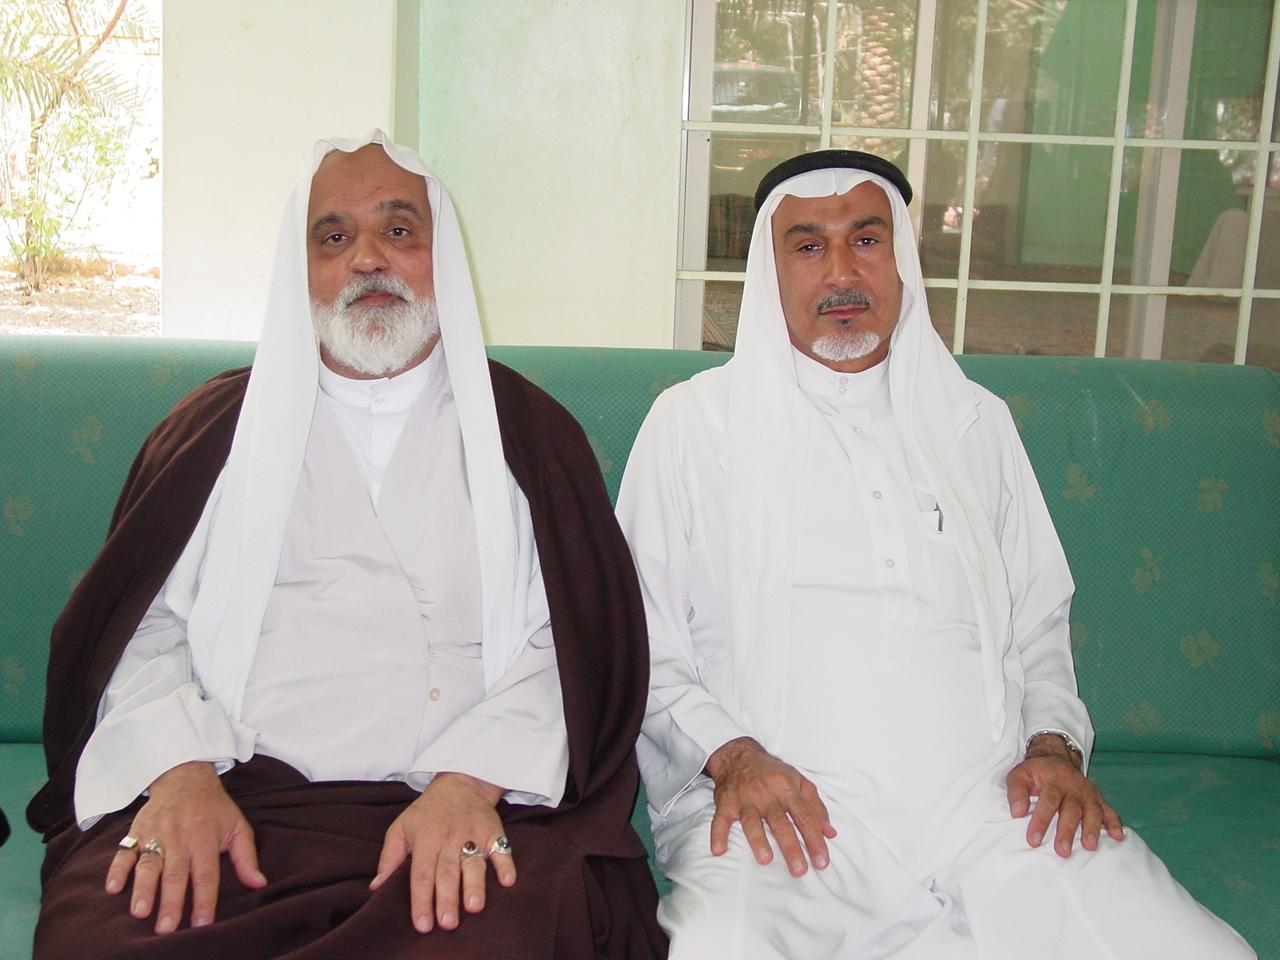 المرحوم الحاج سعيد المناميين - الشيخ حسن ابو خمسين